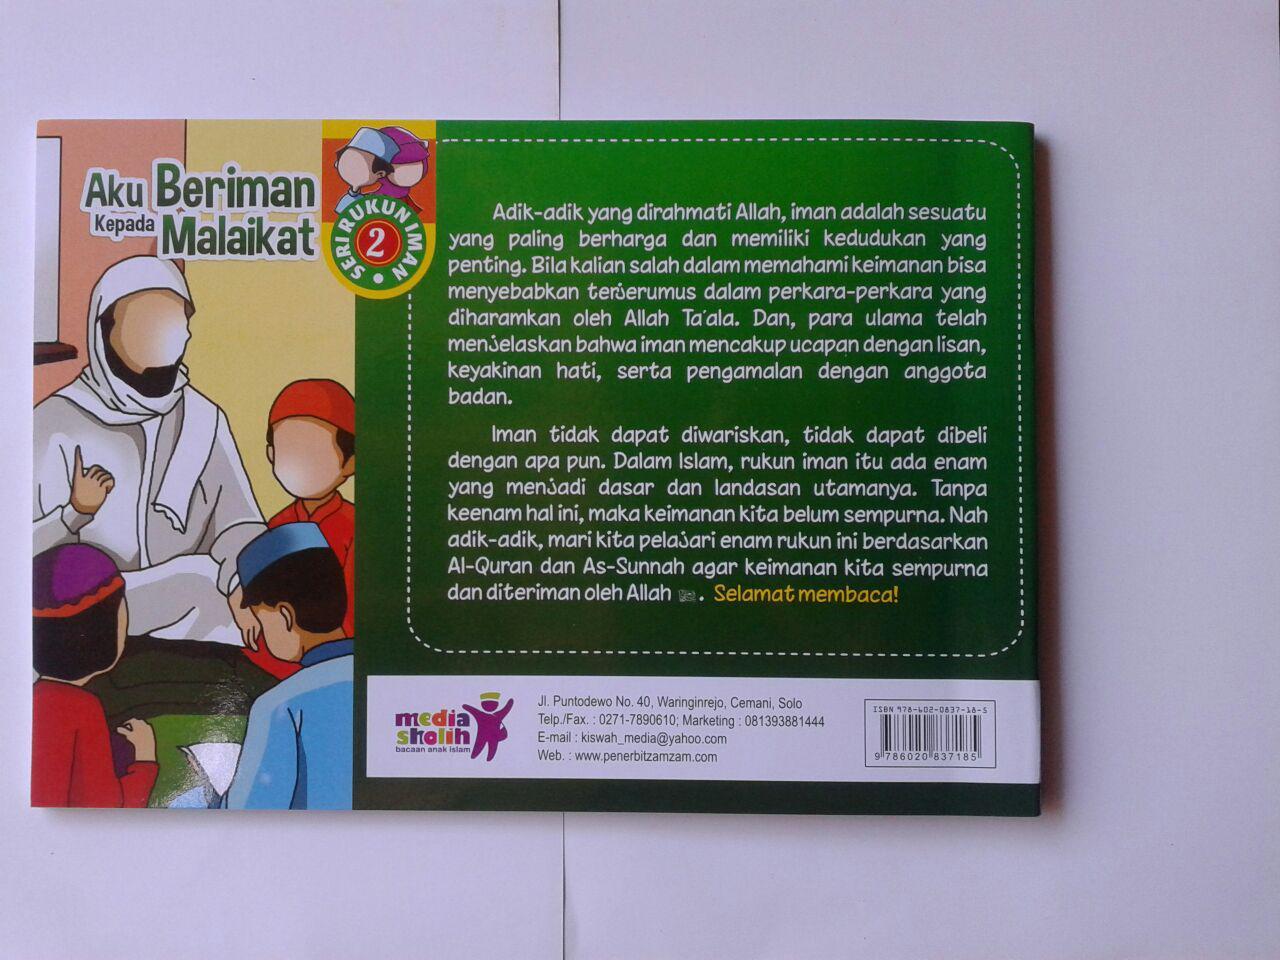 Buku Anak Aku Beriman Kepada Malaikat cover 2